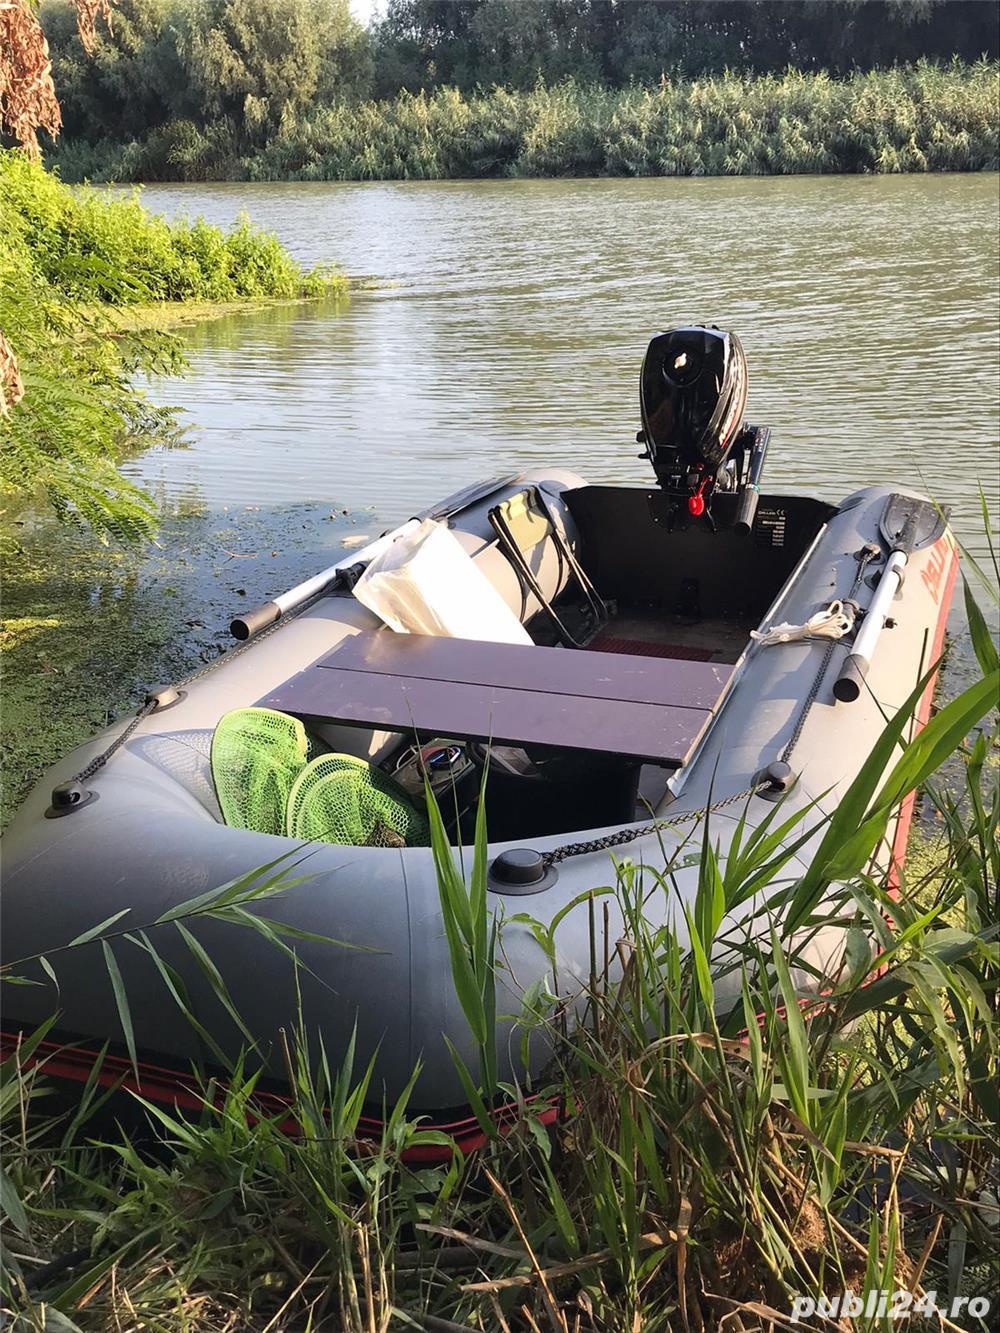 vand barca pneumatica  + motor Mercury 2,5 cp  , utilizate 5 ore , pret 6300 lei negociabil